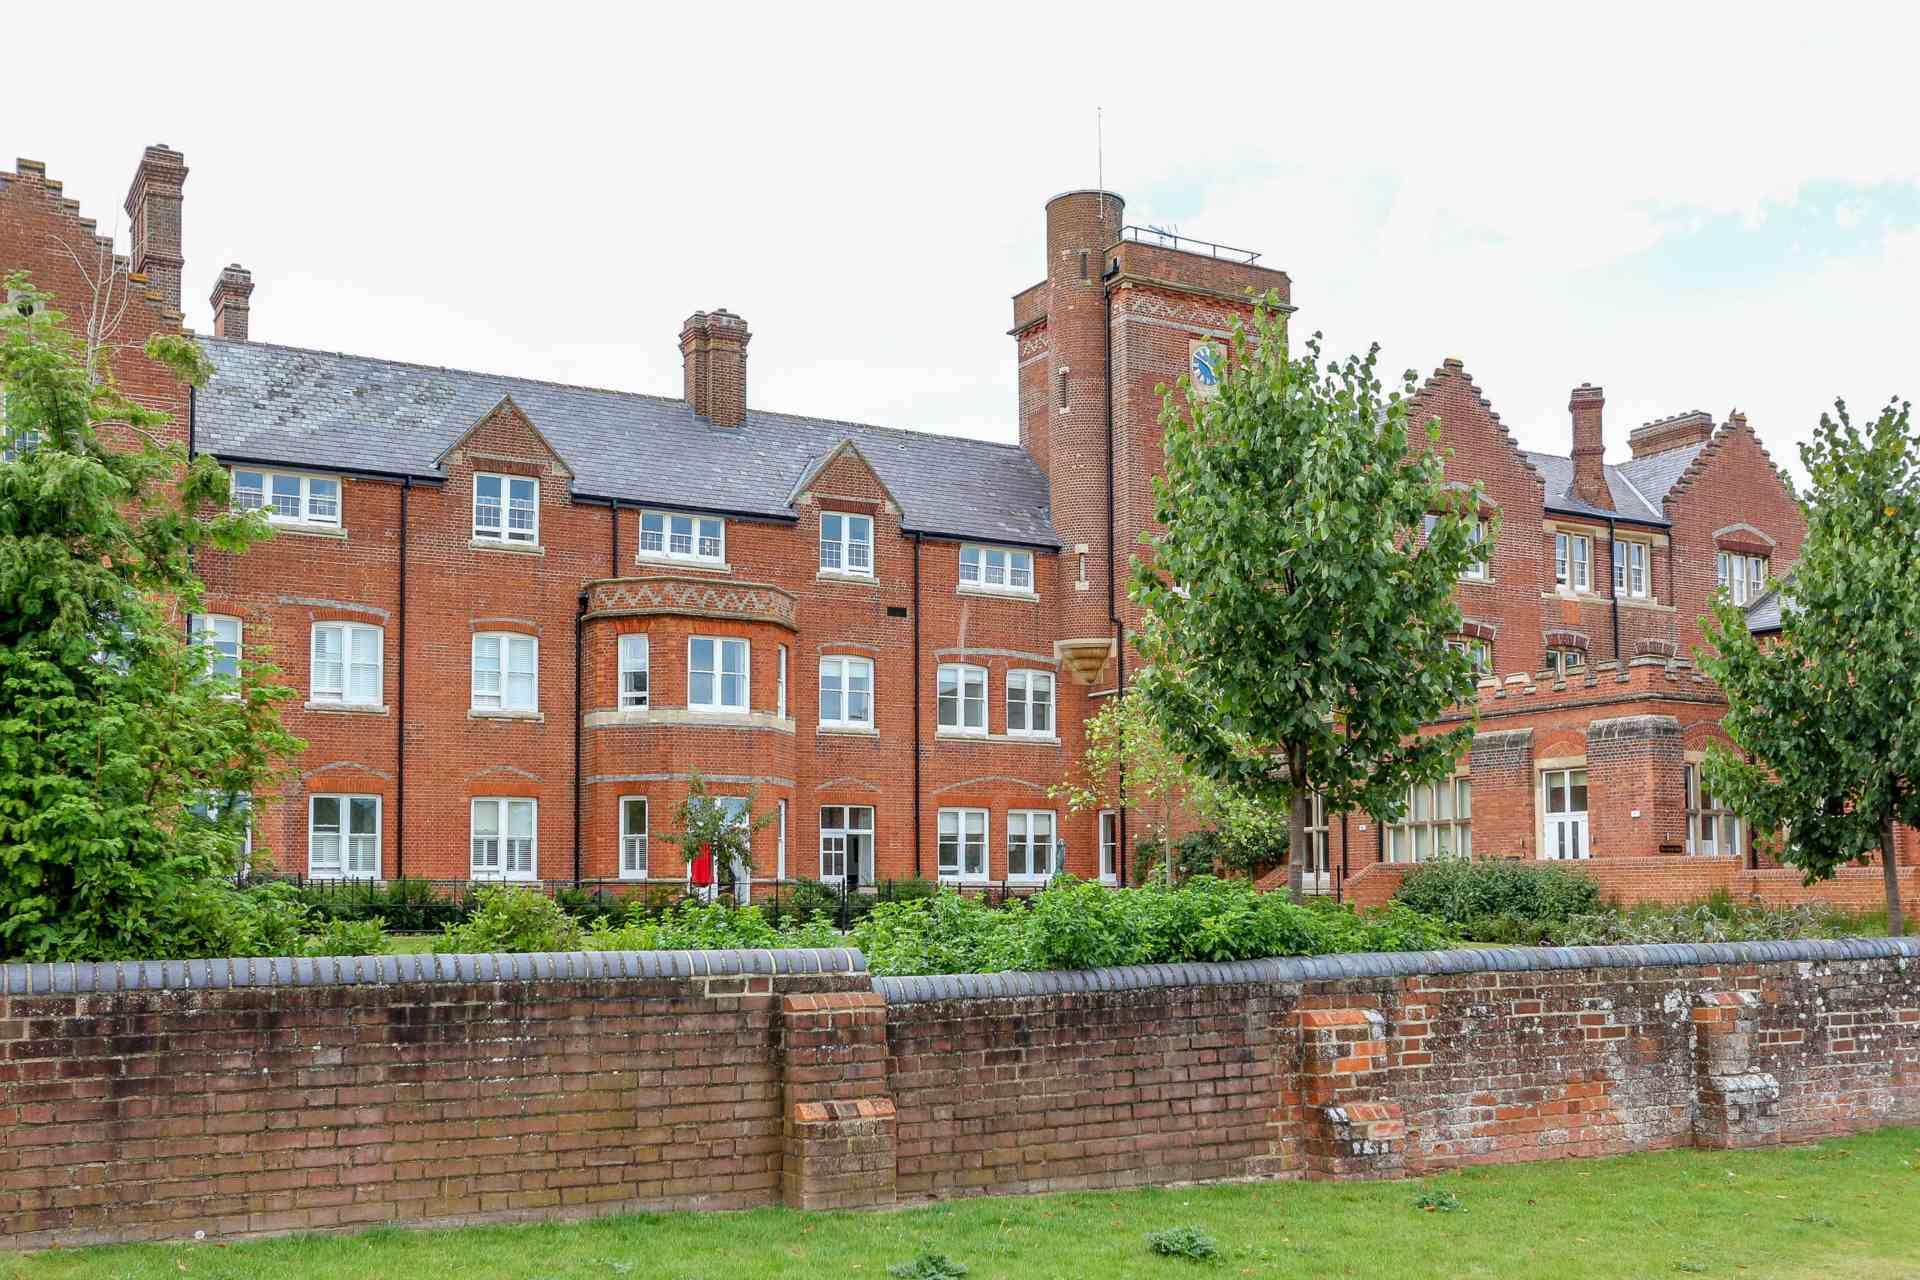 Basildon Court, Cholsey, Image 1